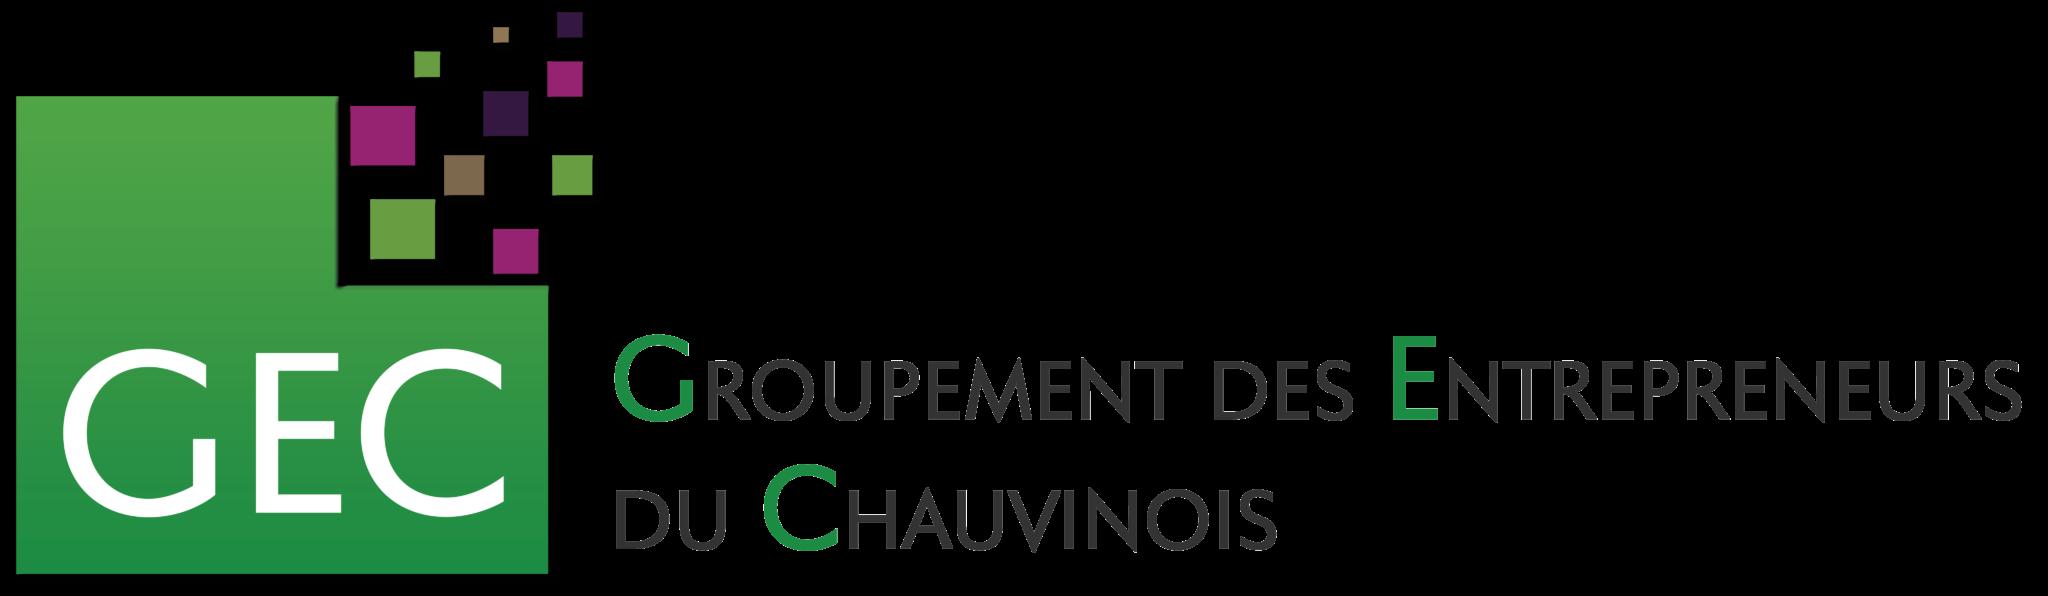 GEC – Groupement des Entrepreneurs du Chauvinois